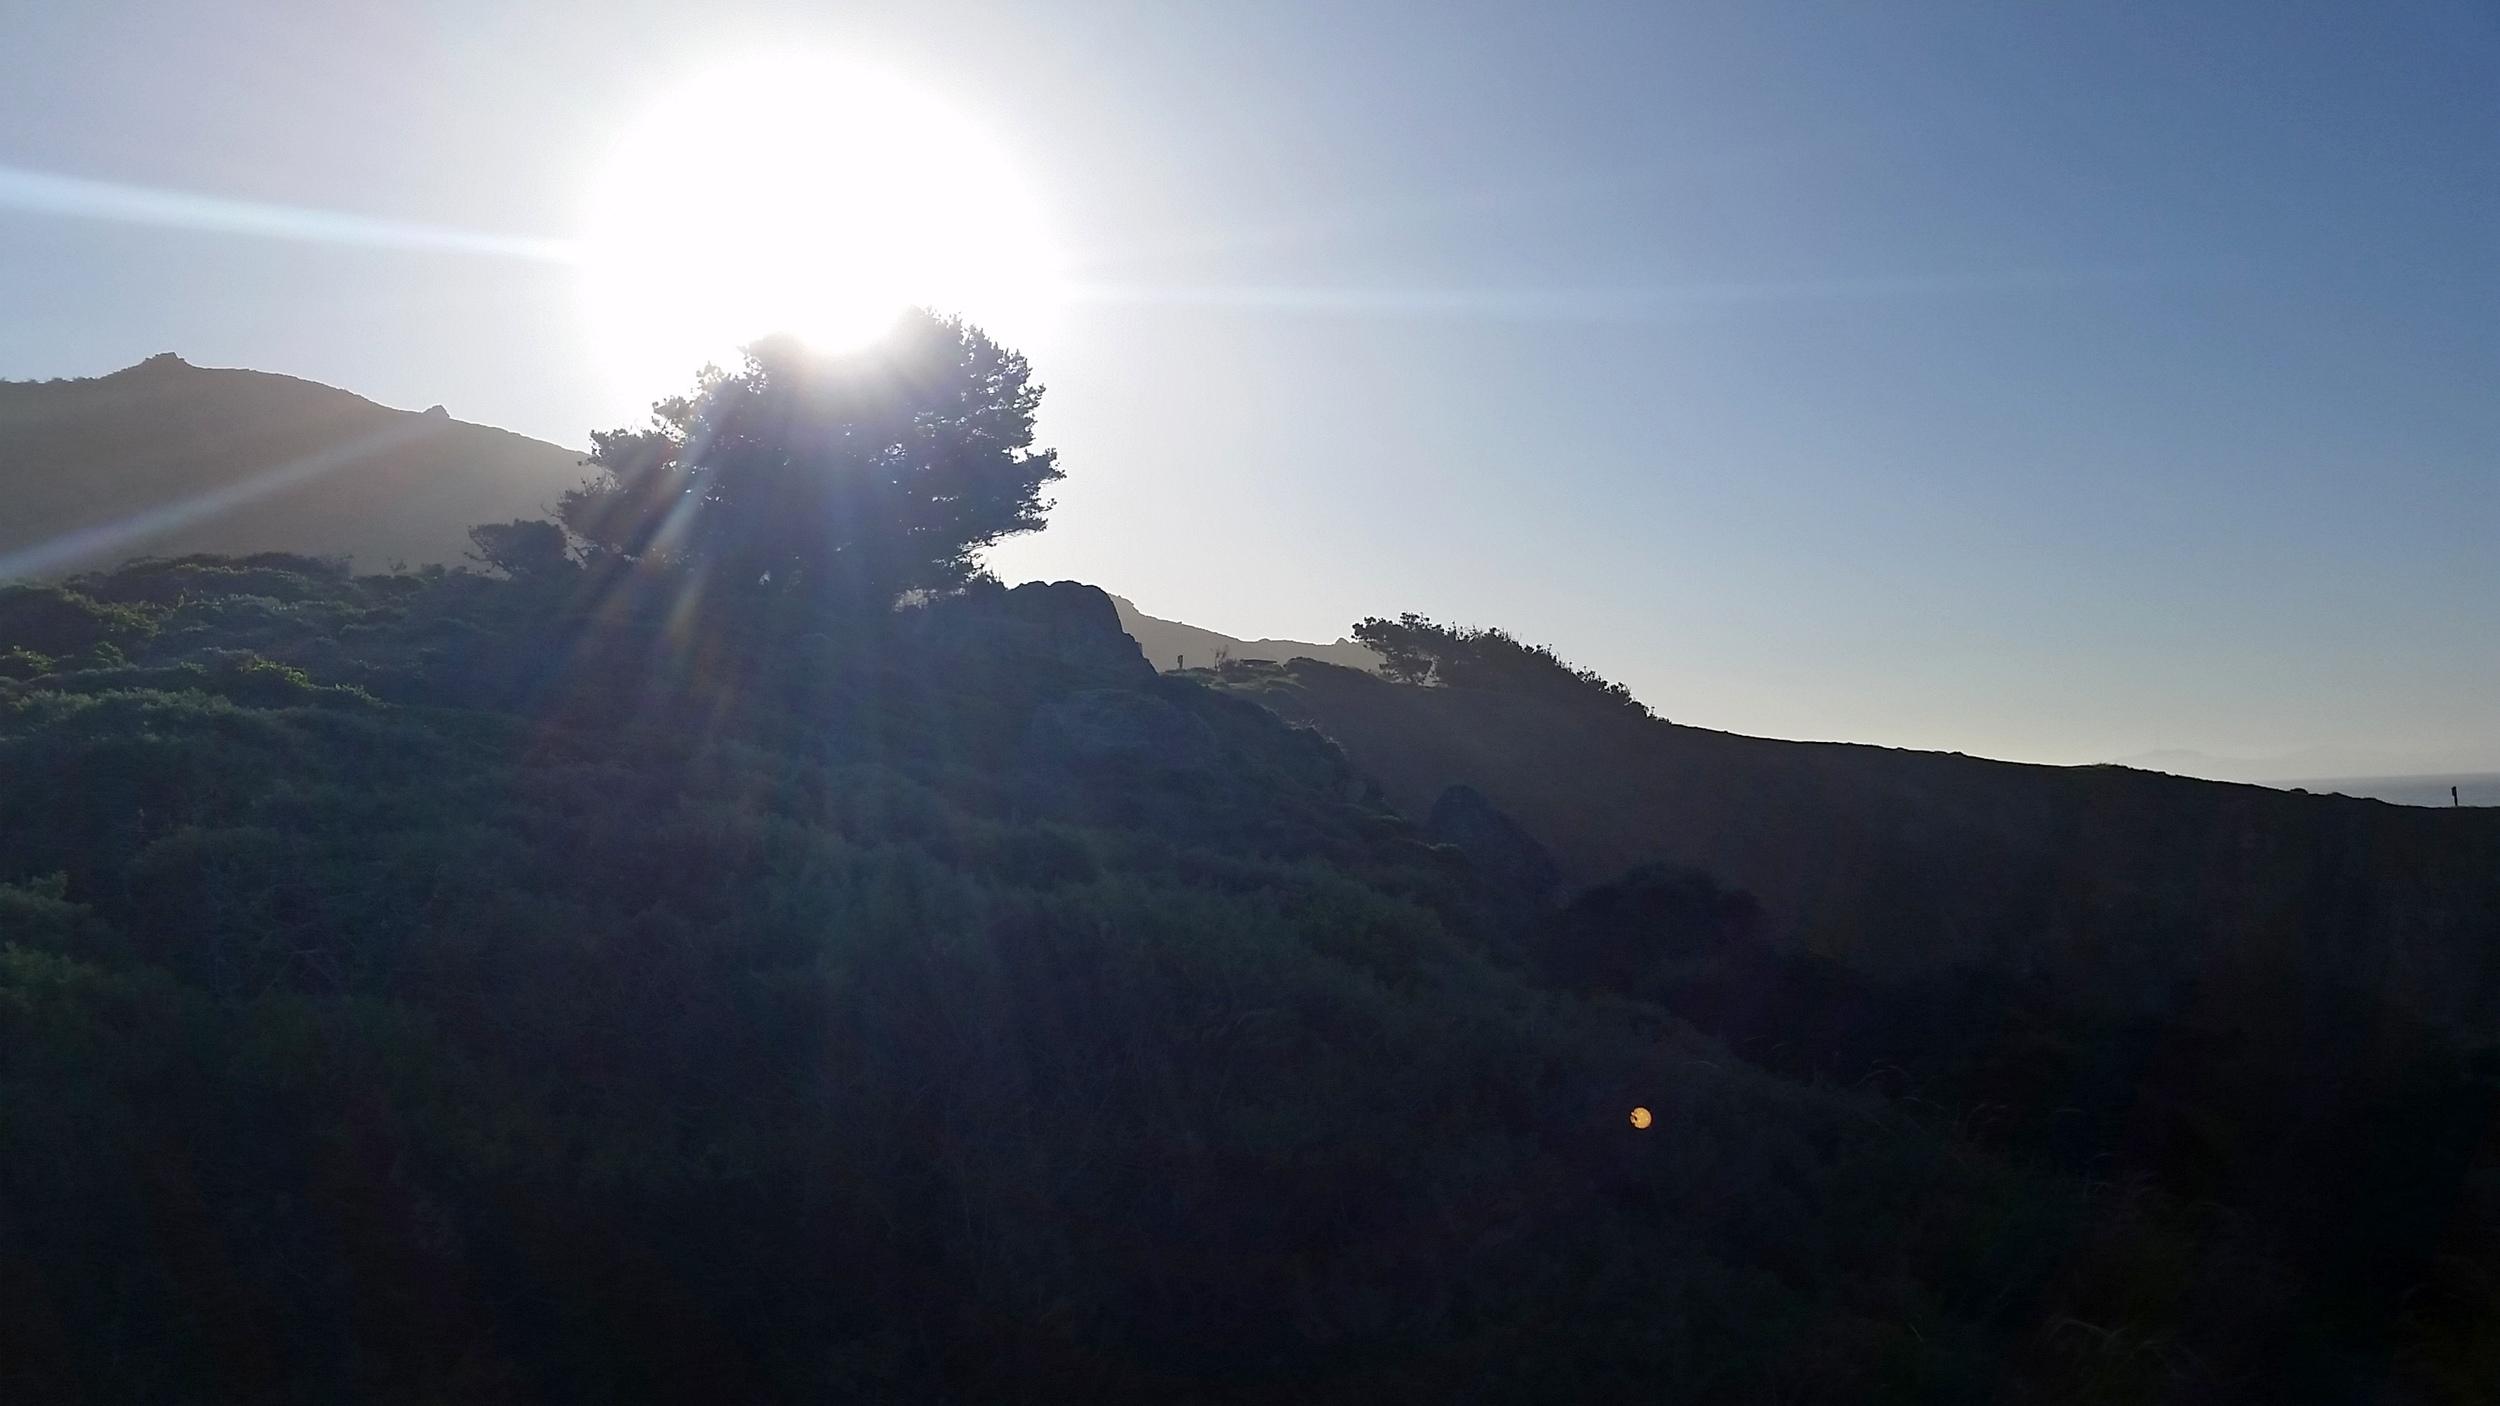 The sun also rises.